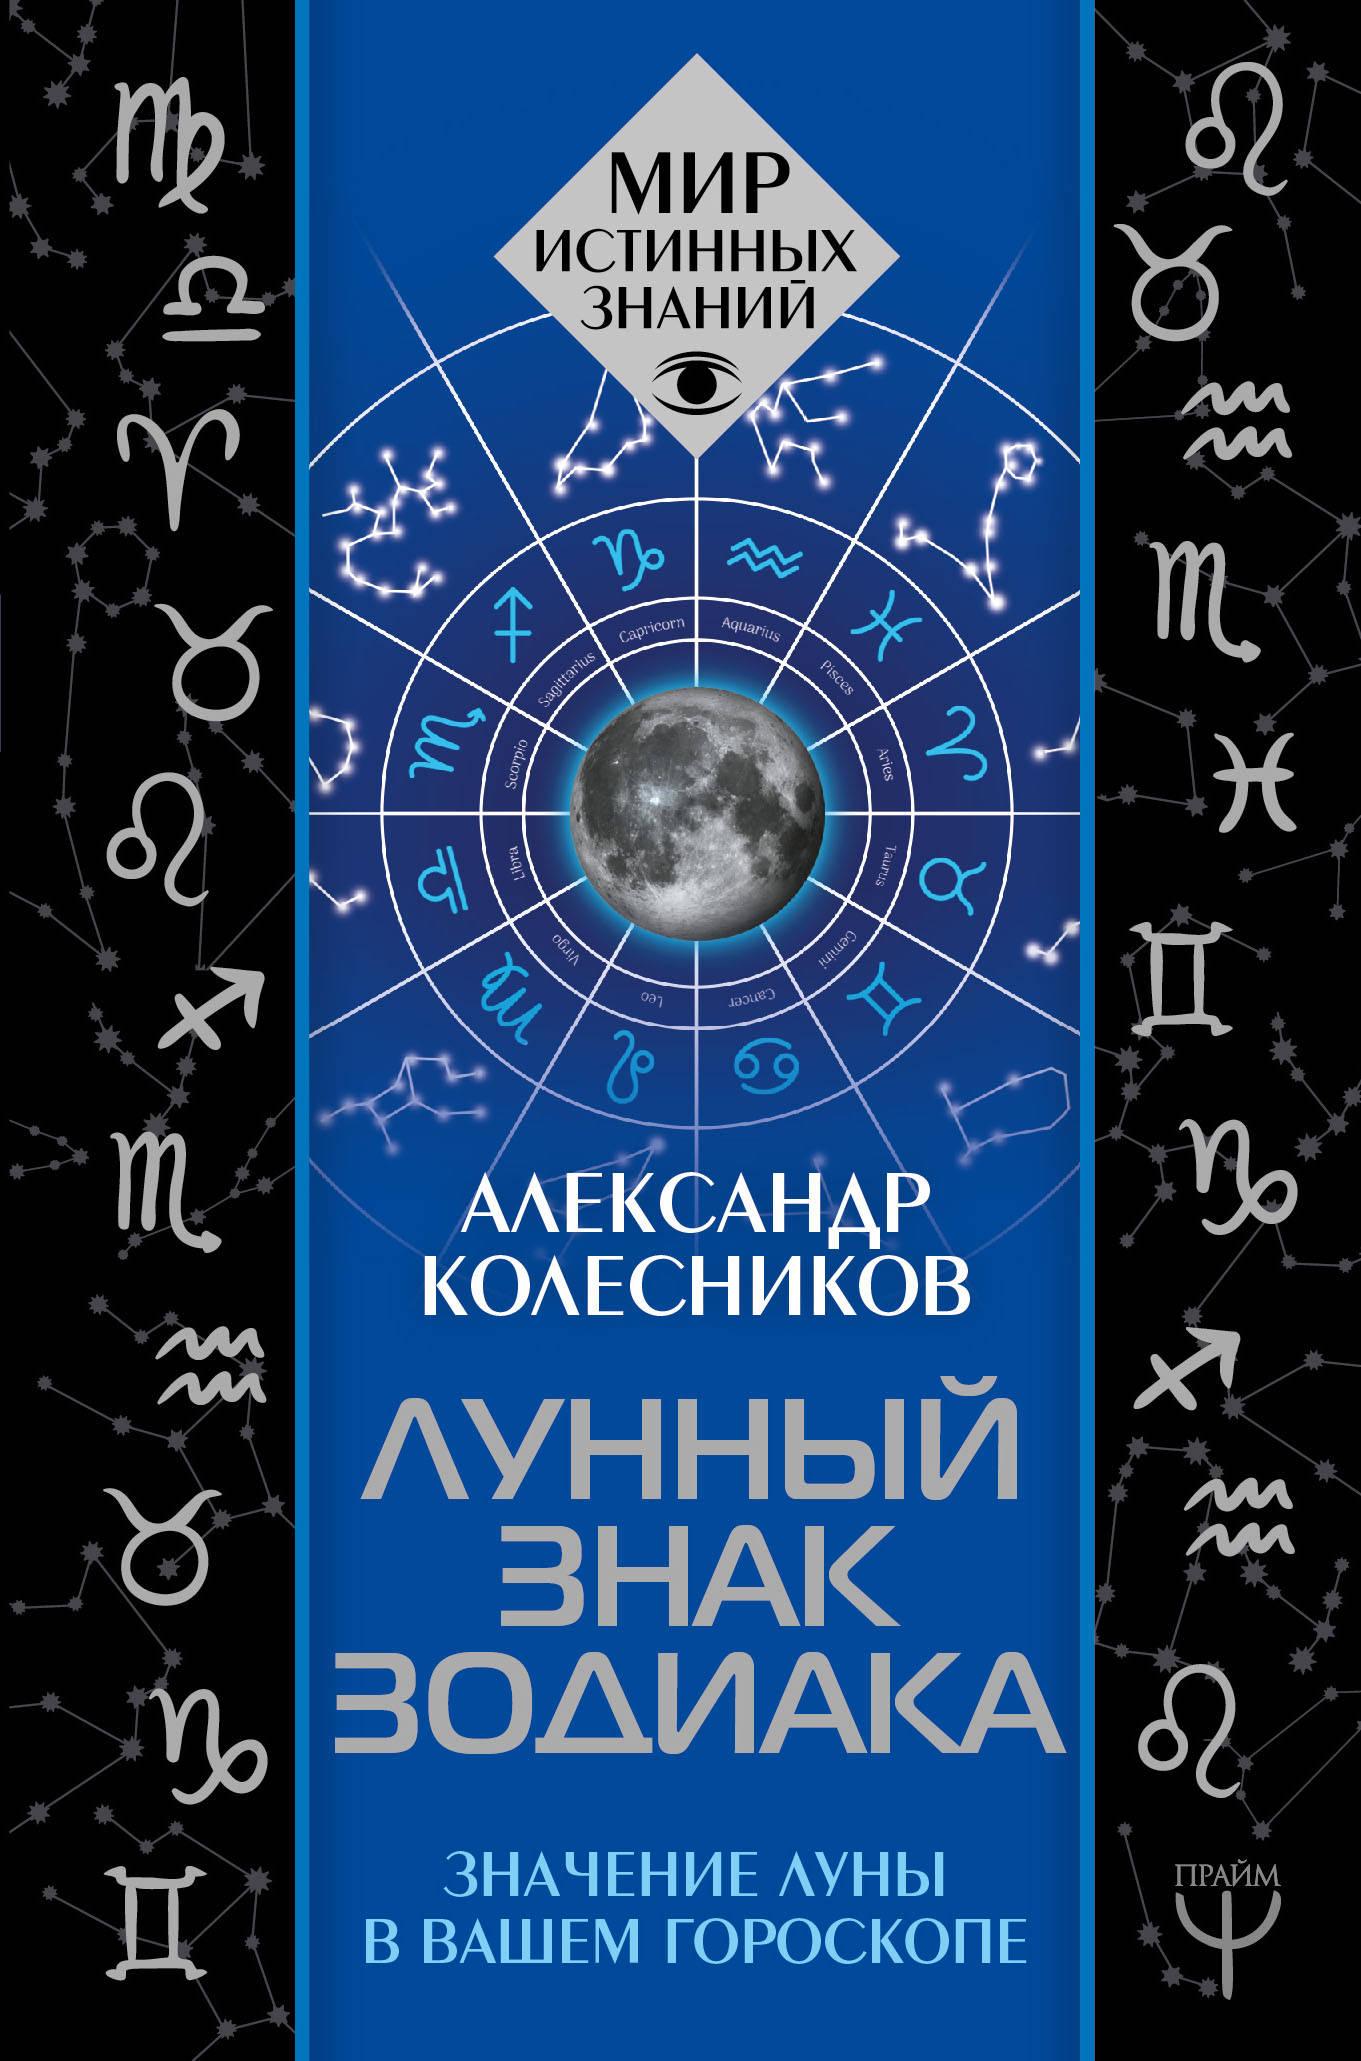 Lunnyj znak zodiaka. Znachenie Luny v vashem goroskope